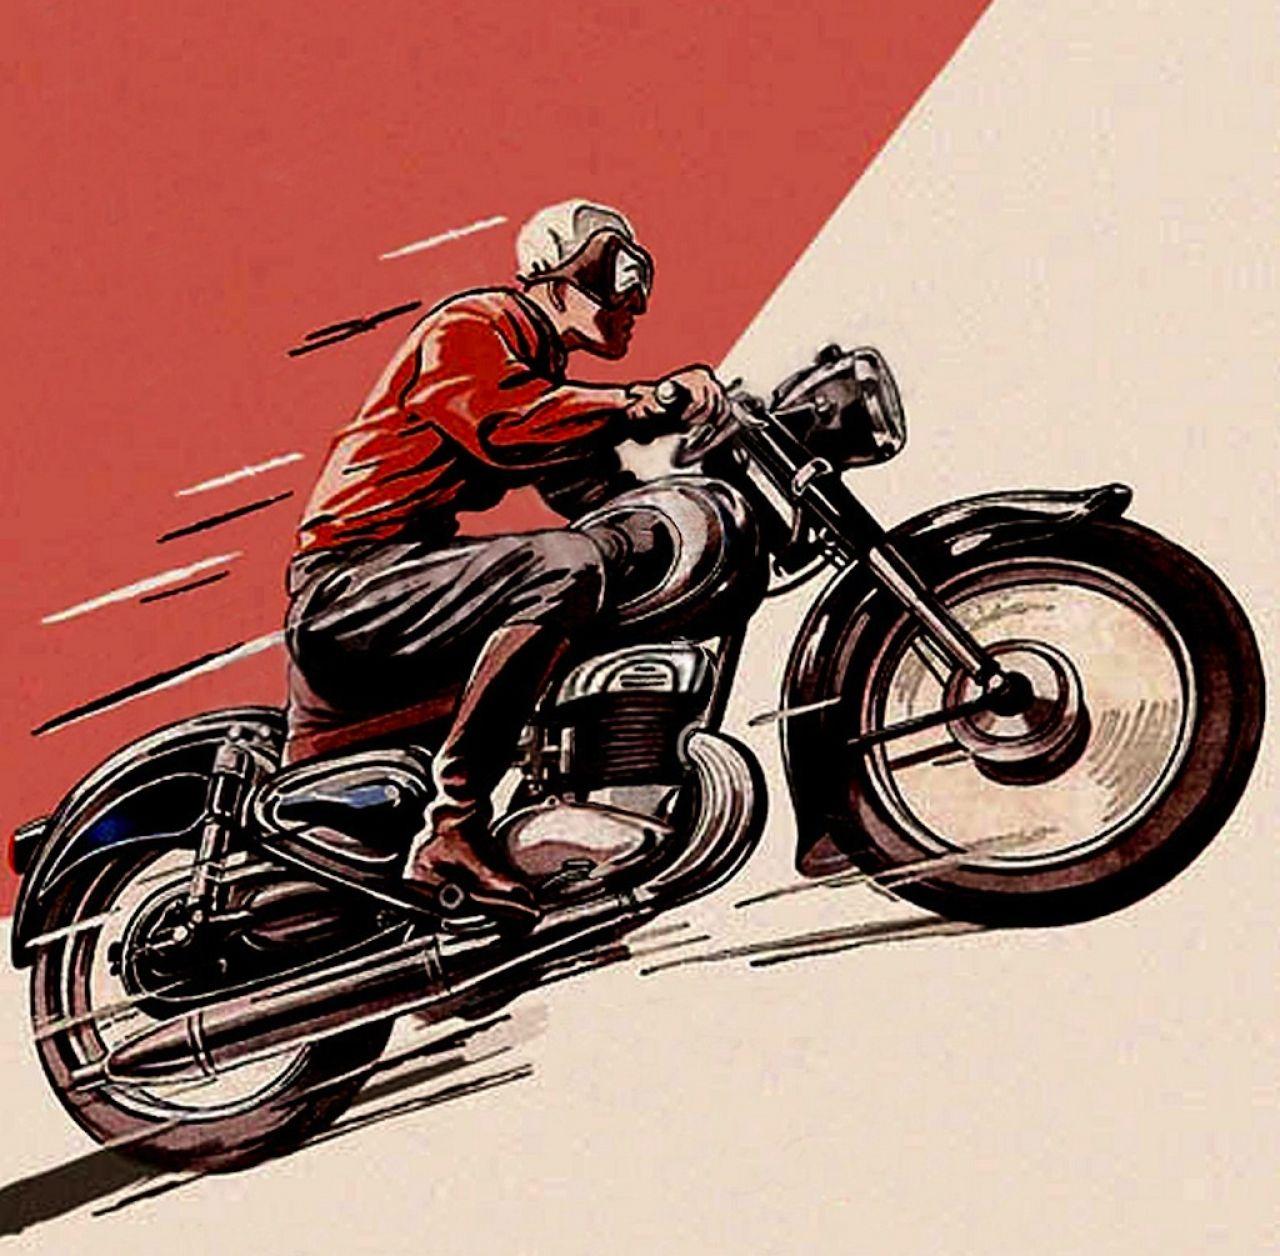 vintage bmw motorcycle poster hd images 3 hd wallpapers poster moto vintage motorrad bmw. Black Bedroom Furniture Sets. Home Design Ideas